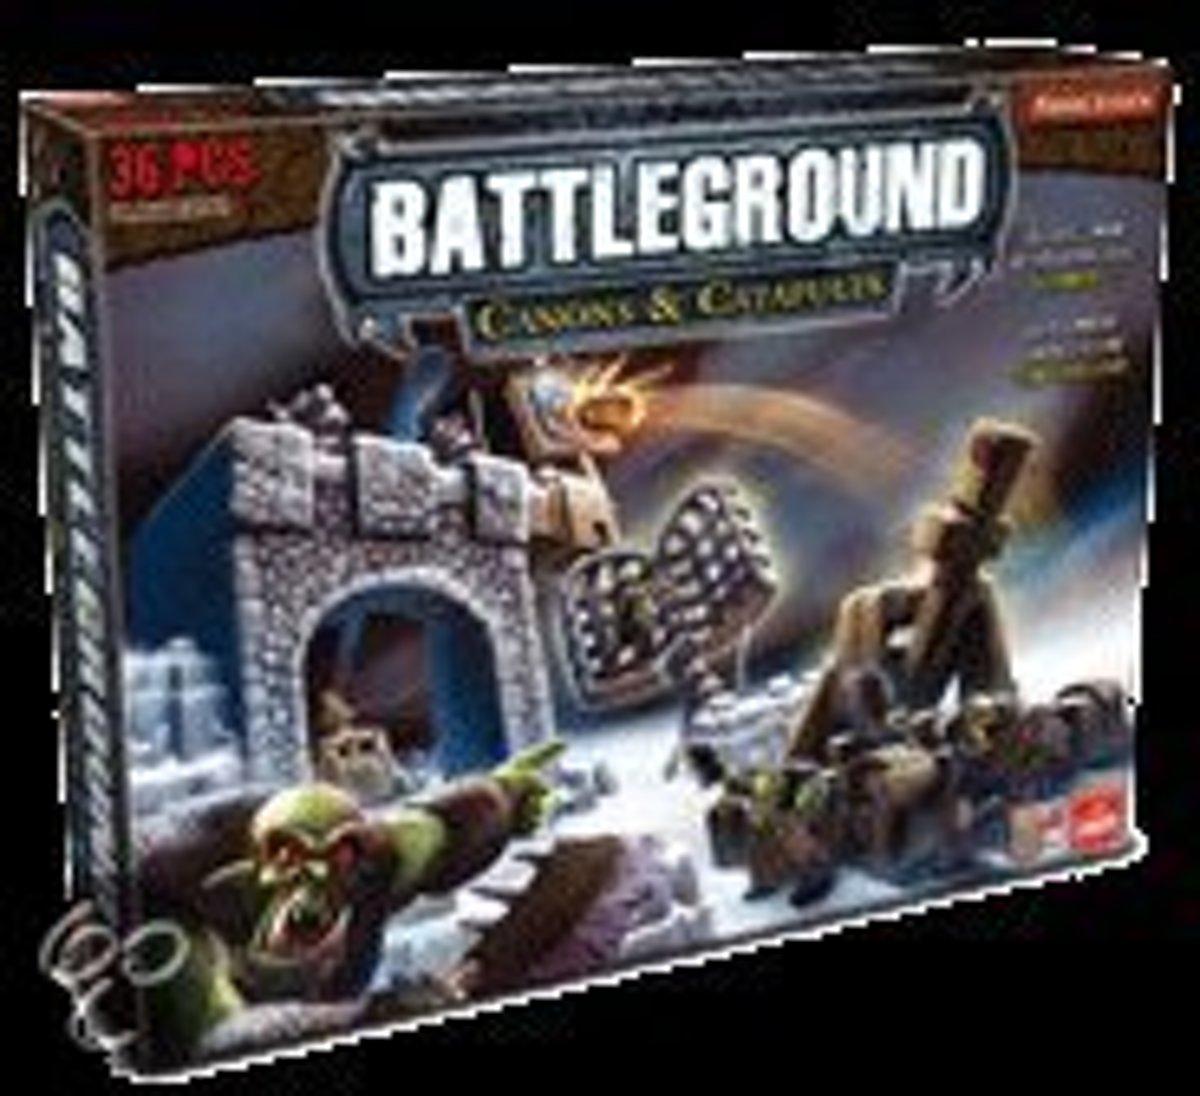 Battleground - The Prison Attack